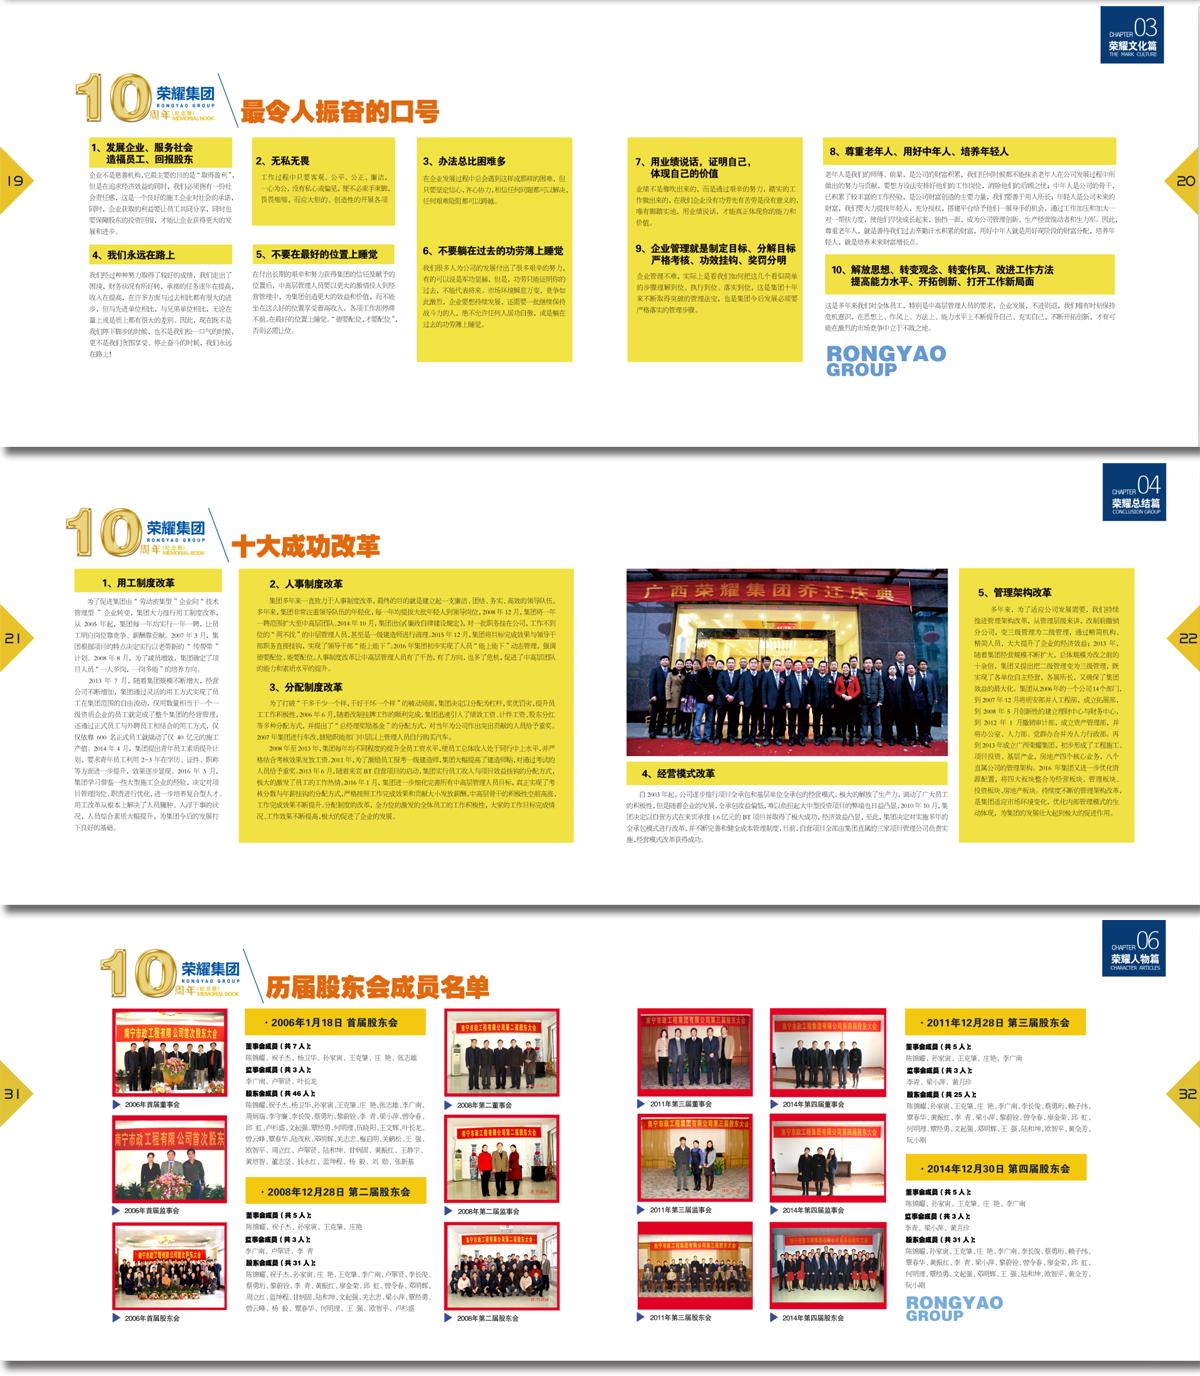 芭乐app官方二维码下载荣耀集团十周年纪念画册设计印刷_04.png